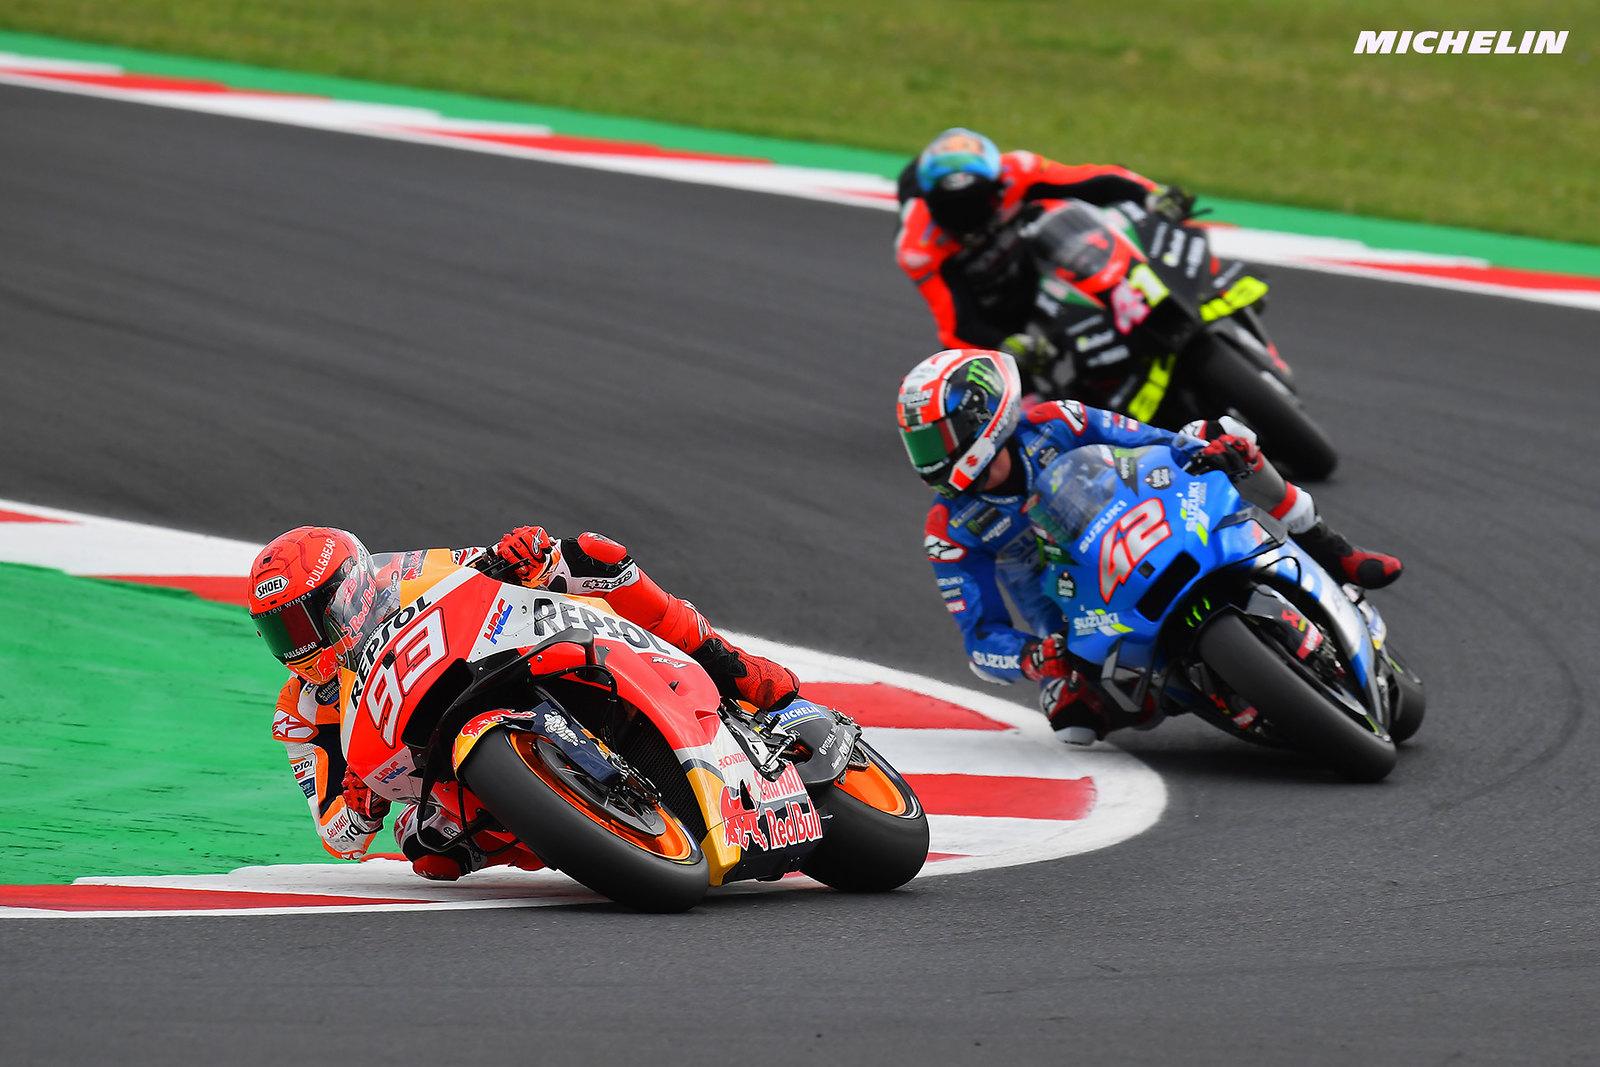 MotoGP2021サンマリノGP マルク・マルケス「最終ラップのチャンスを逃さなかった」